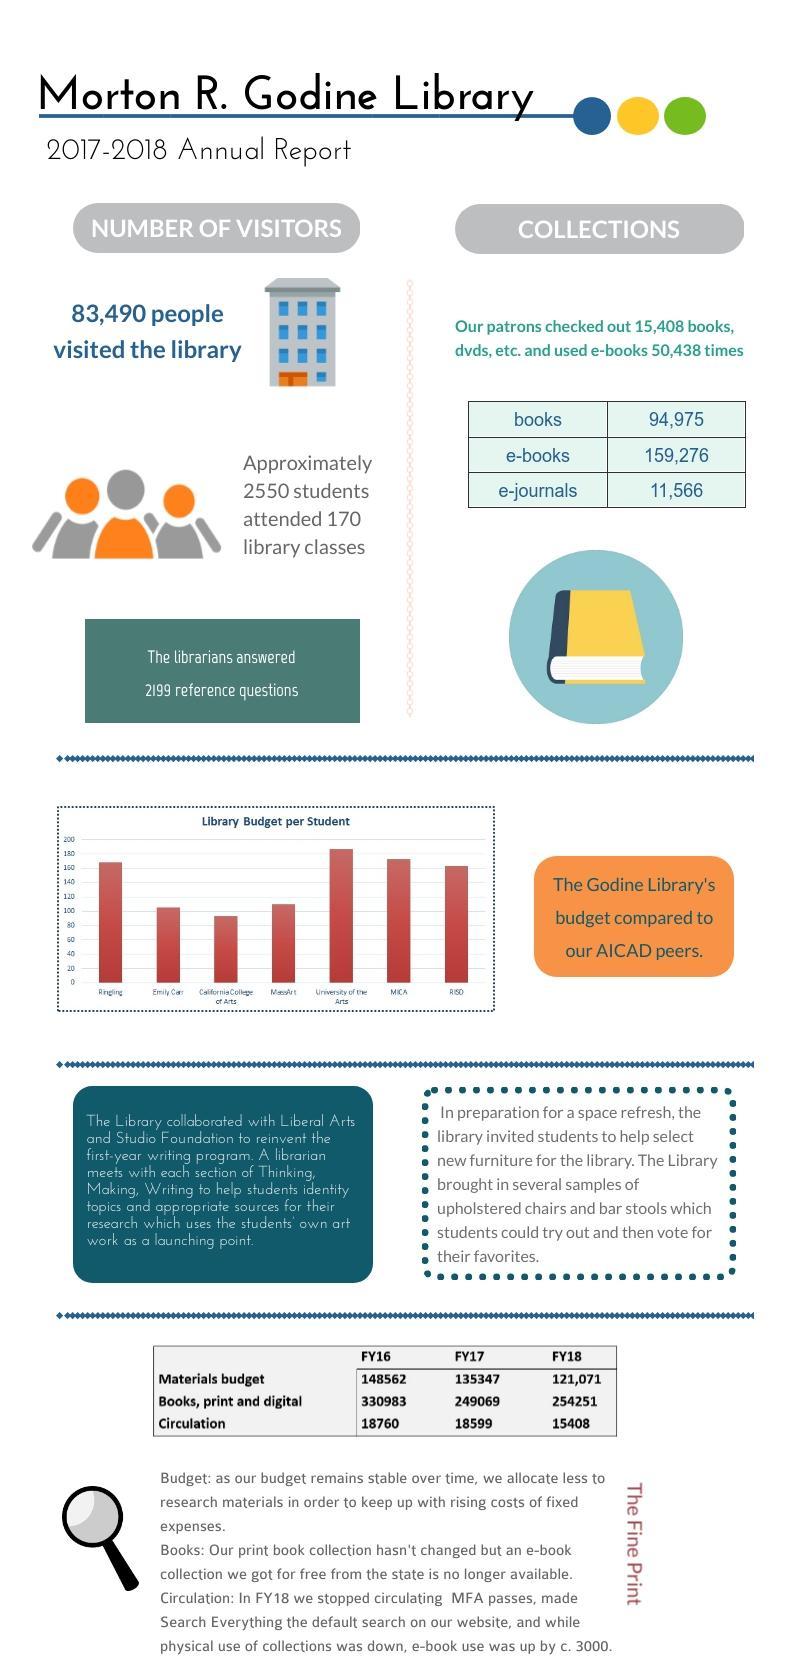 Godine Library annual report 2017-2018